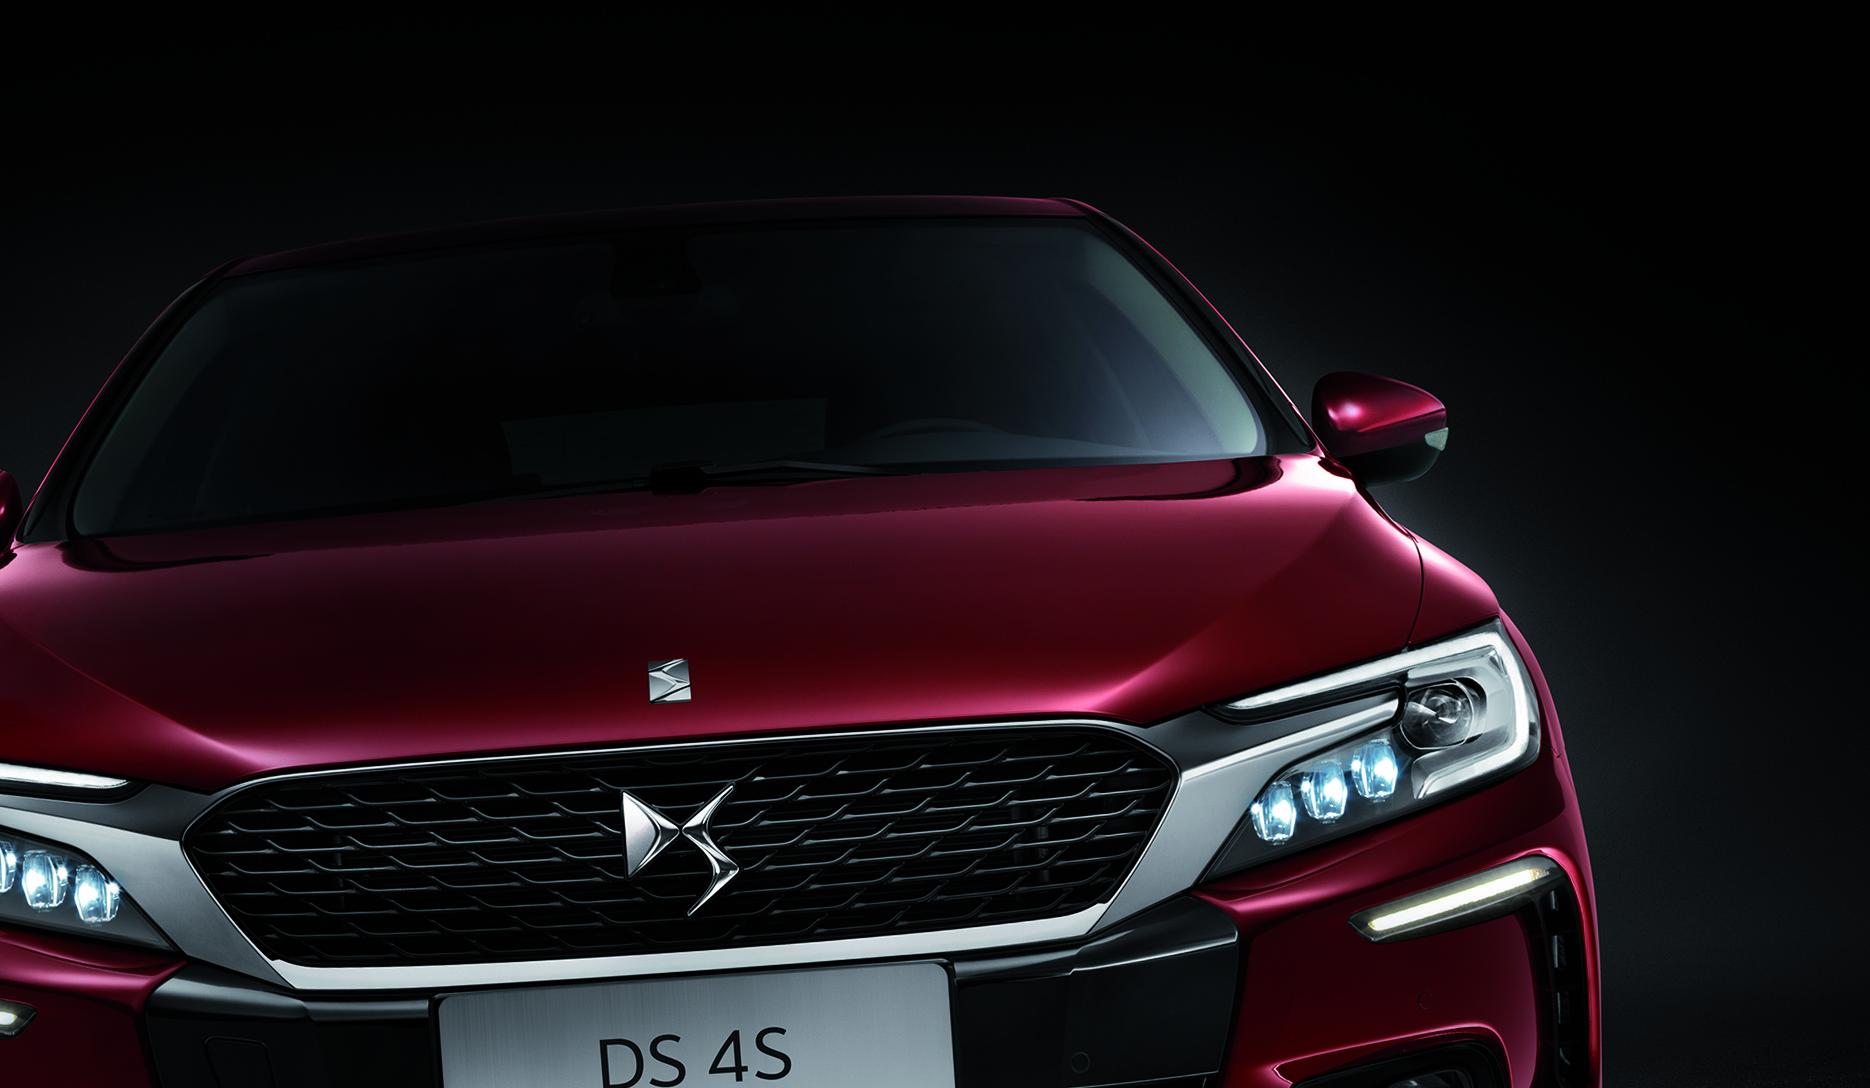 Así es el DS 4S que sólo llegará a China: El mercado más importante para DS 2